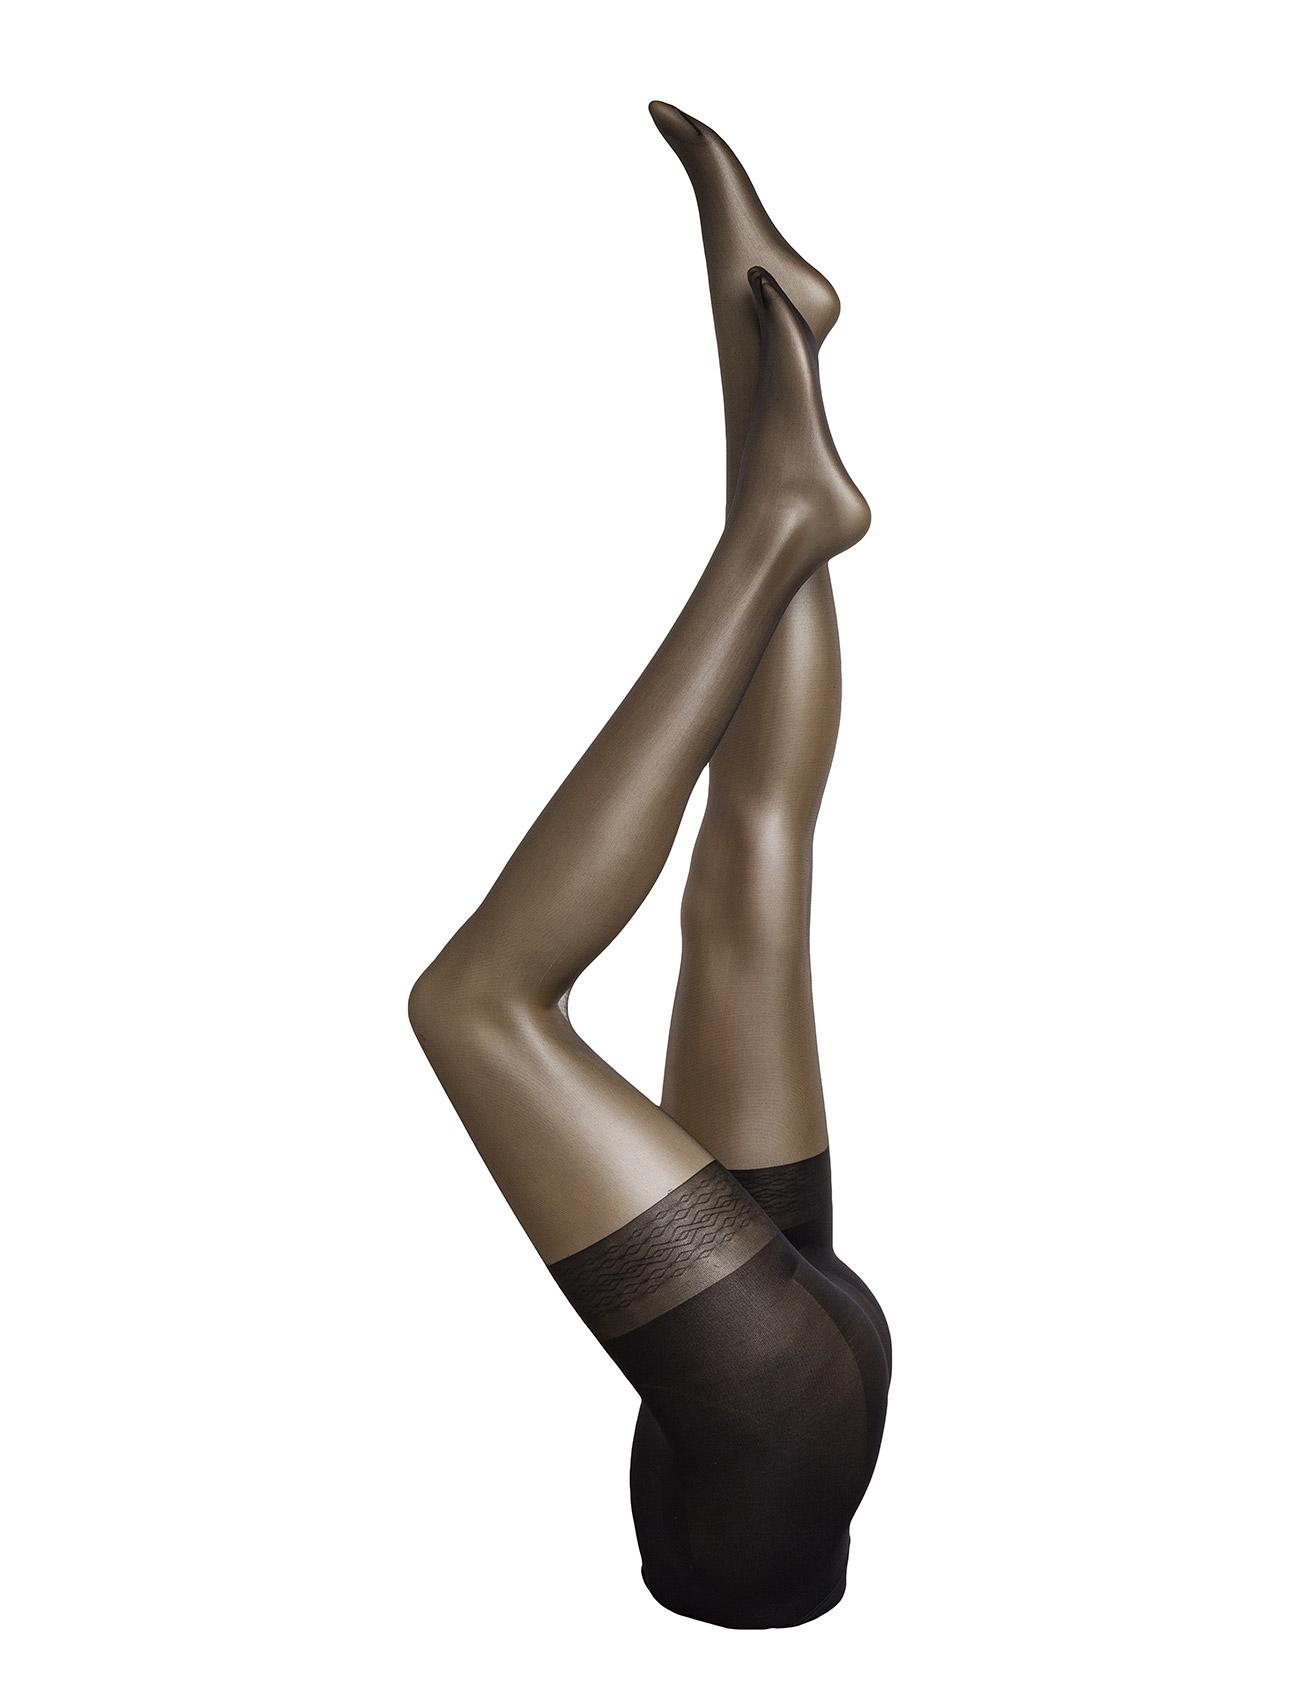 vogue – Ladies den pantyhose, silhouette control top 20den på boozt.com dk